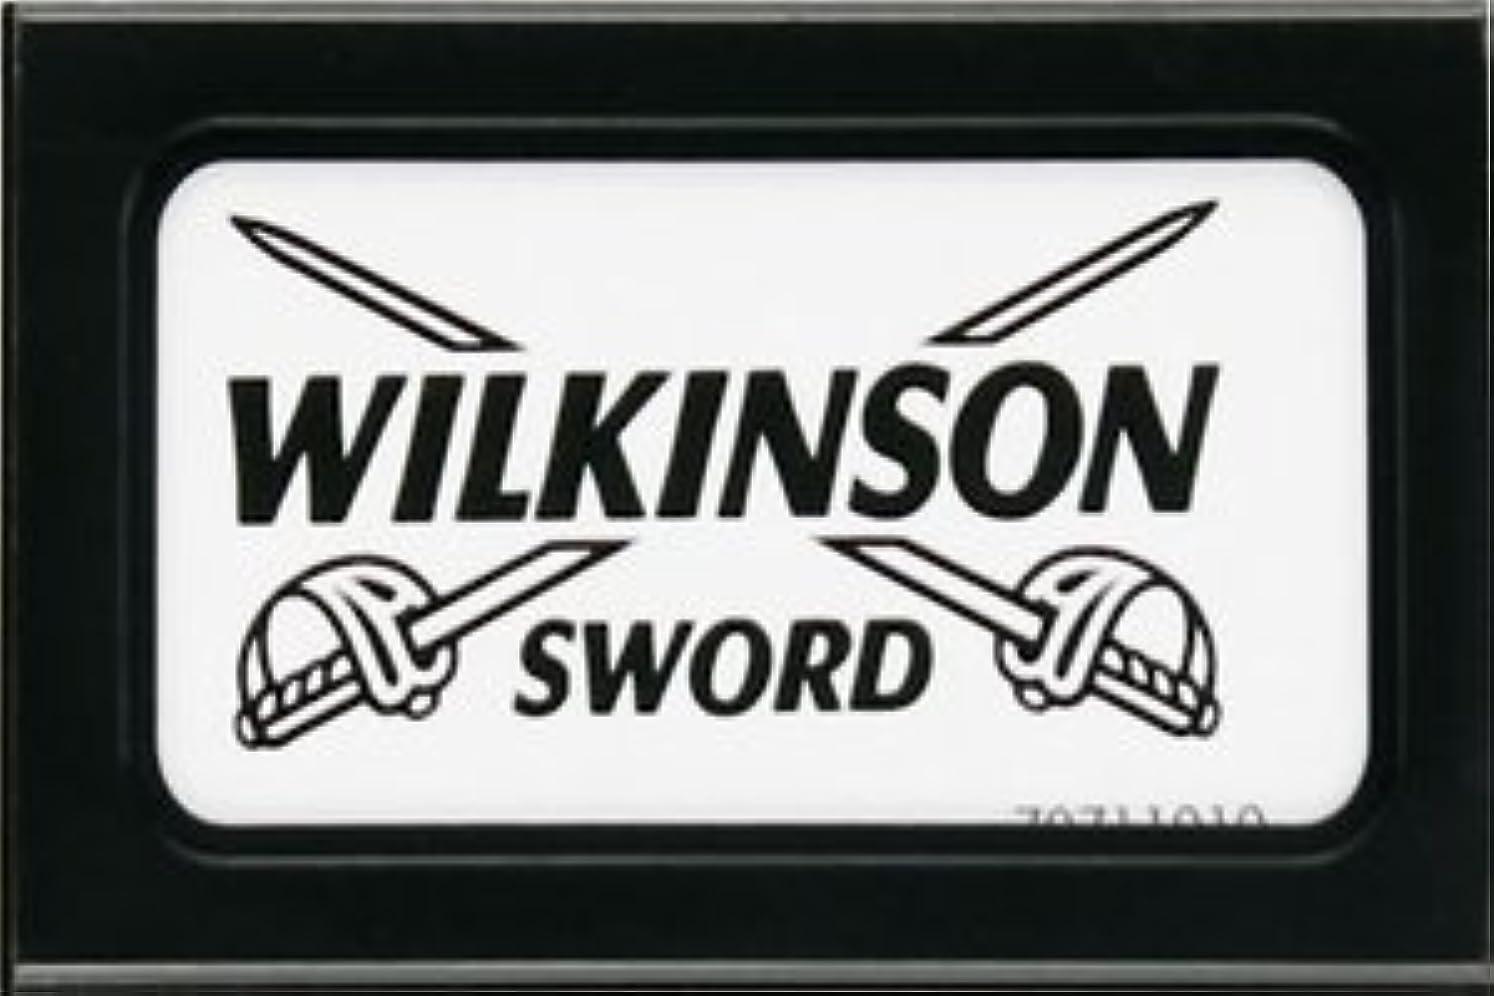 炎上かける太字Wilkinson Sword (Germany) 両刃替刃 5枚入り(5枚入り1 個セット)【並行輸入品】